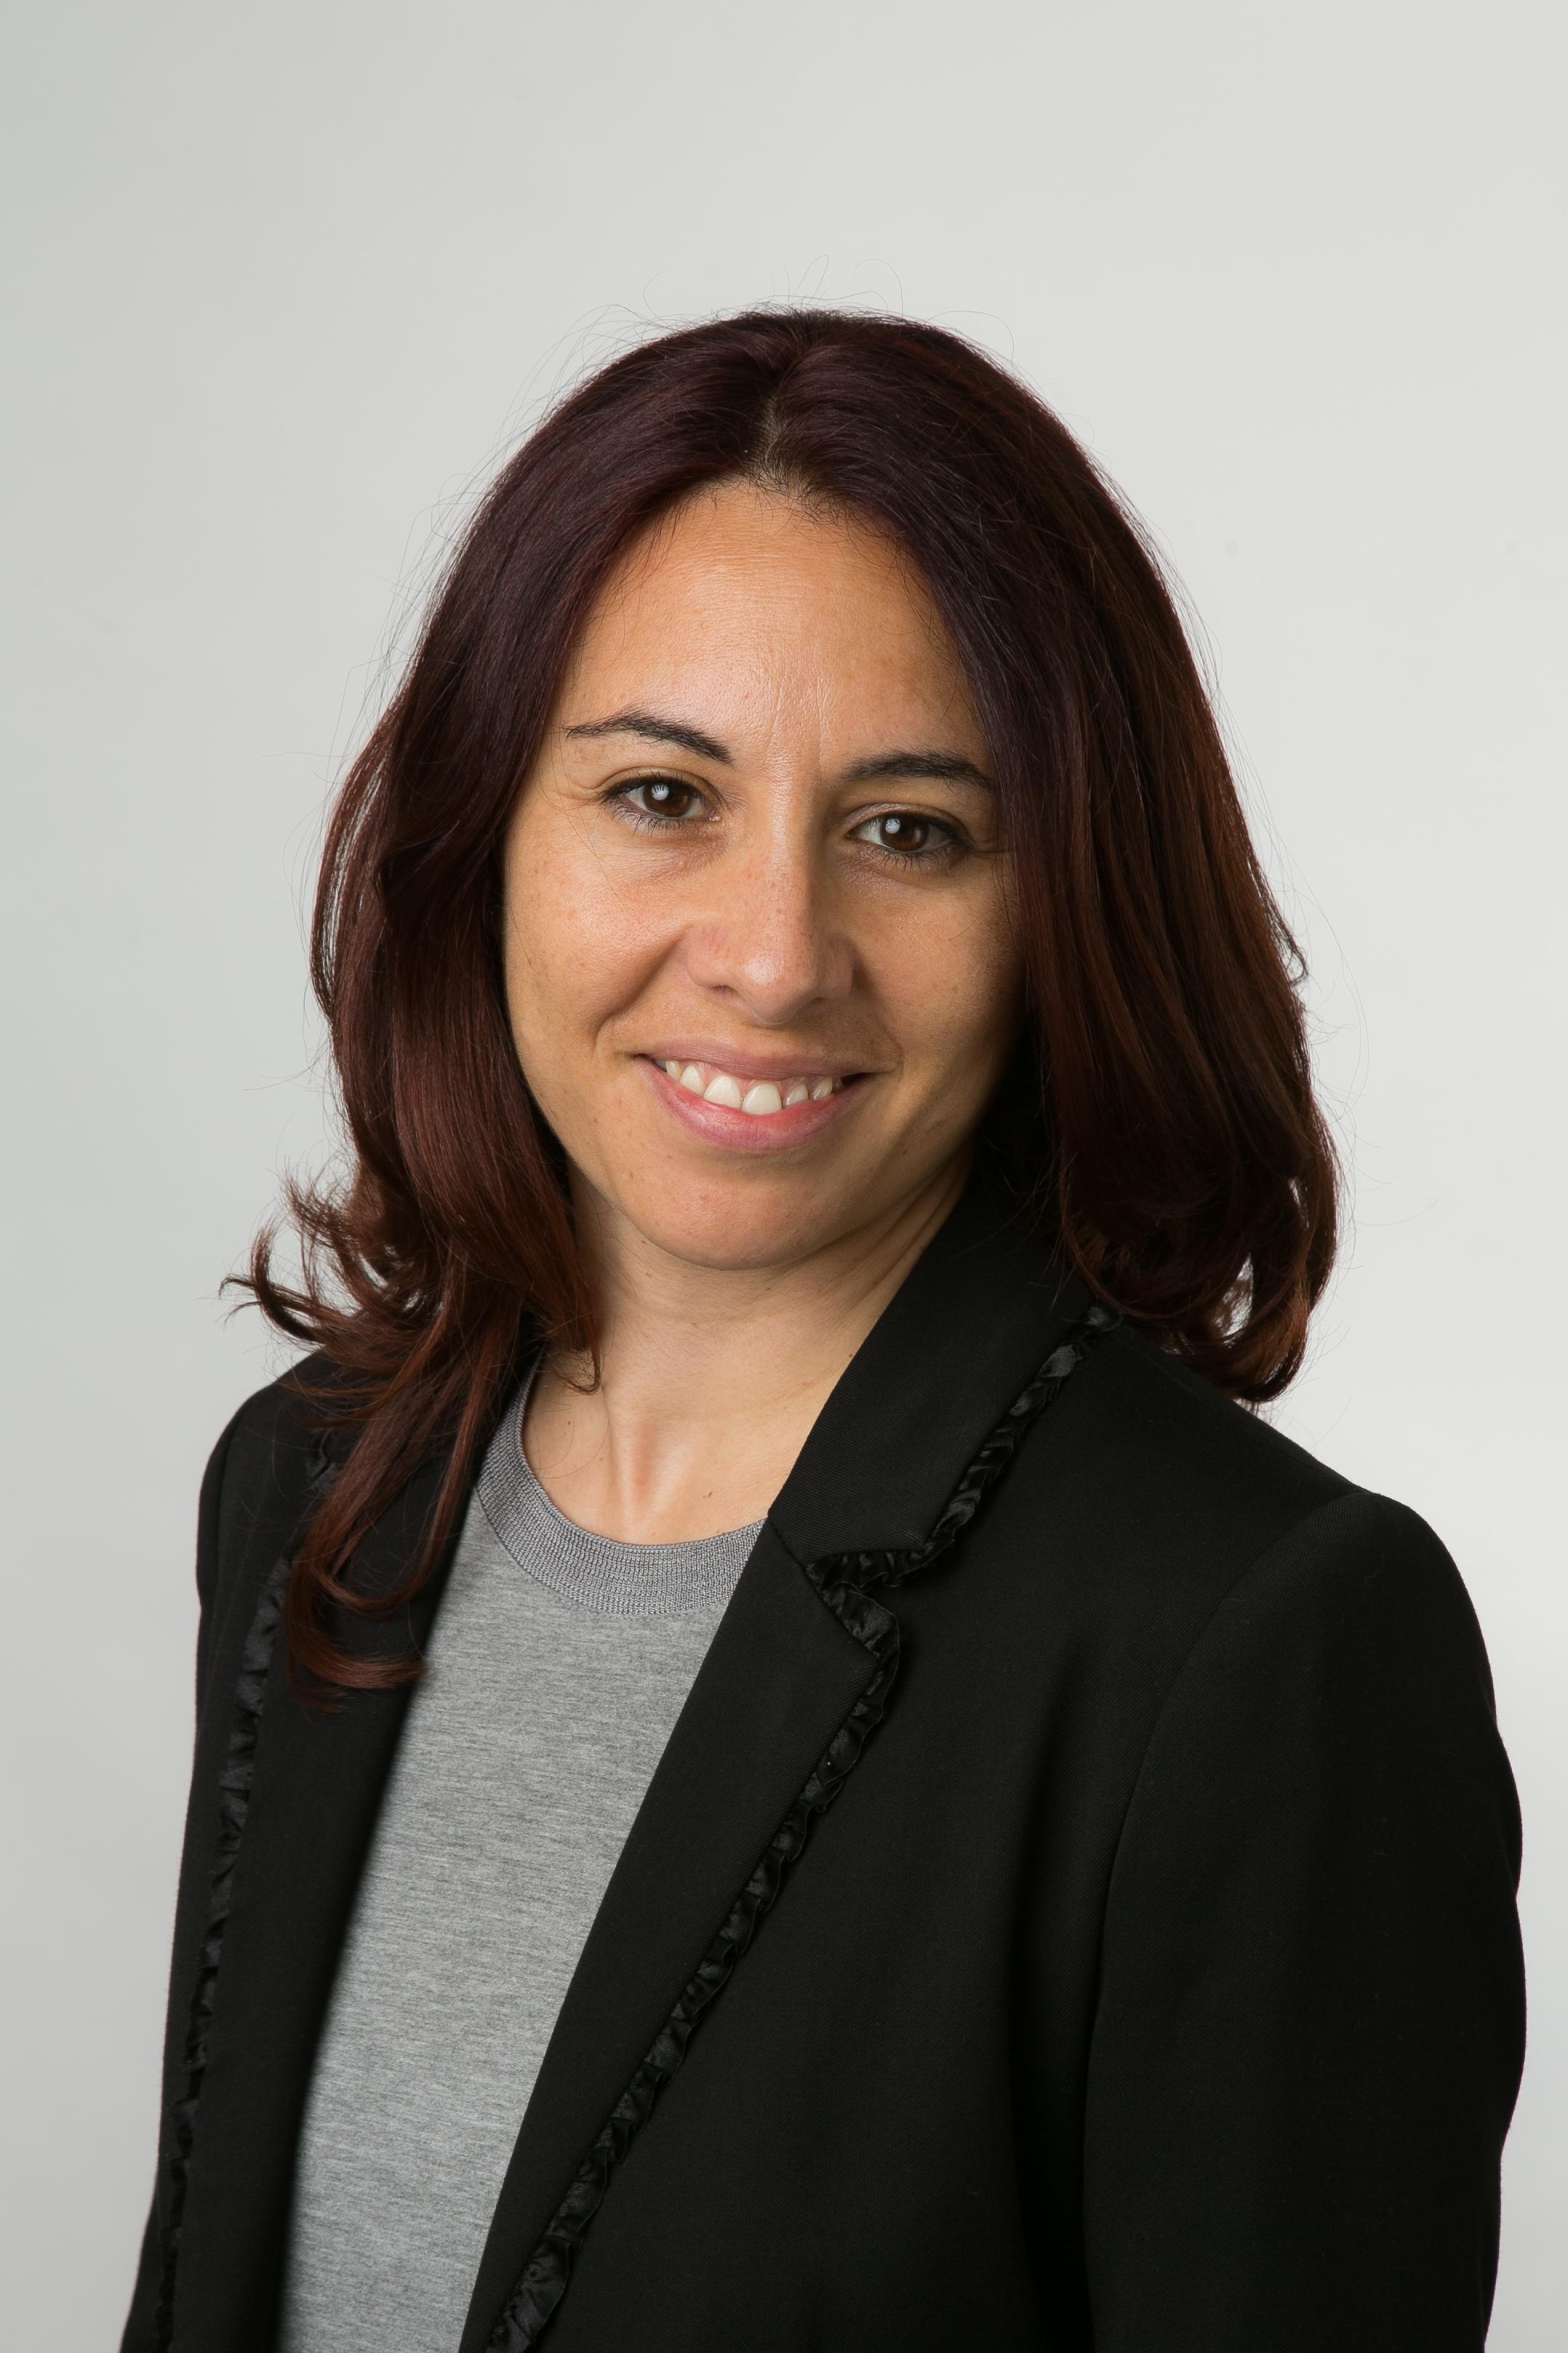 Viola Patrizia